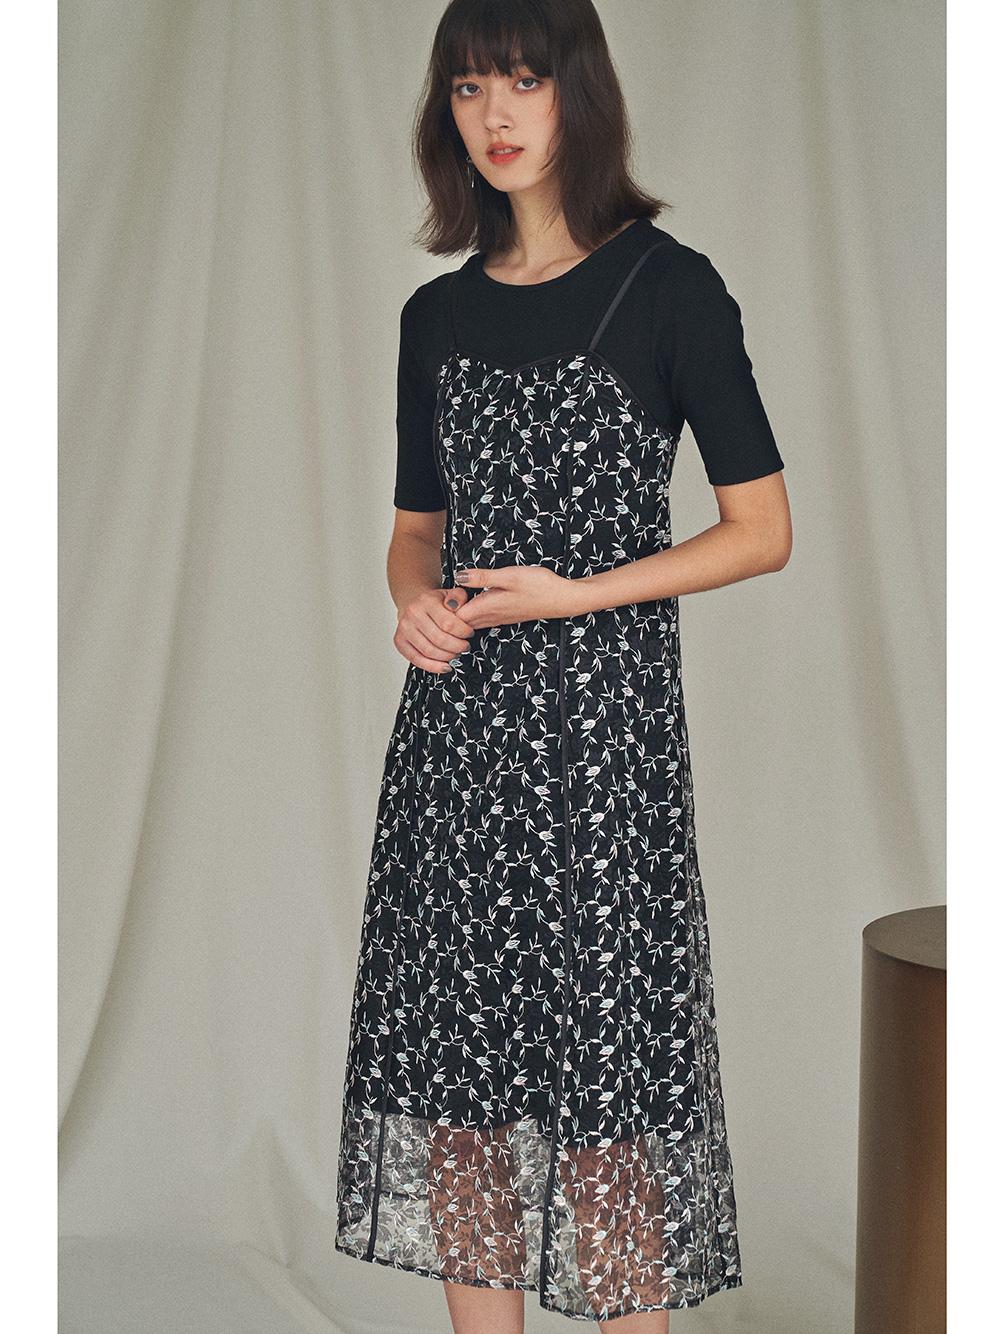 【オフィシャルオンラインストア限定】チュール刺繍キャミワンピセット(BLK-F)